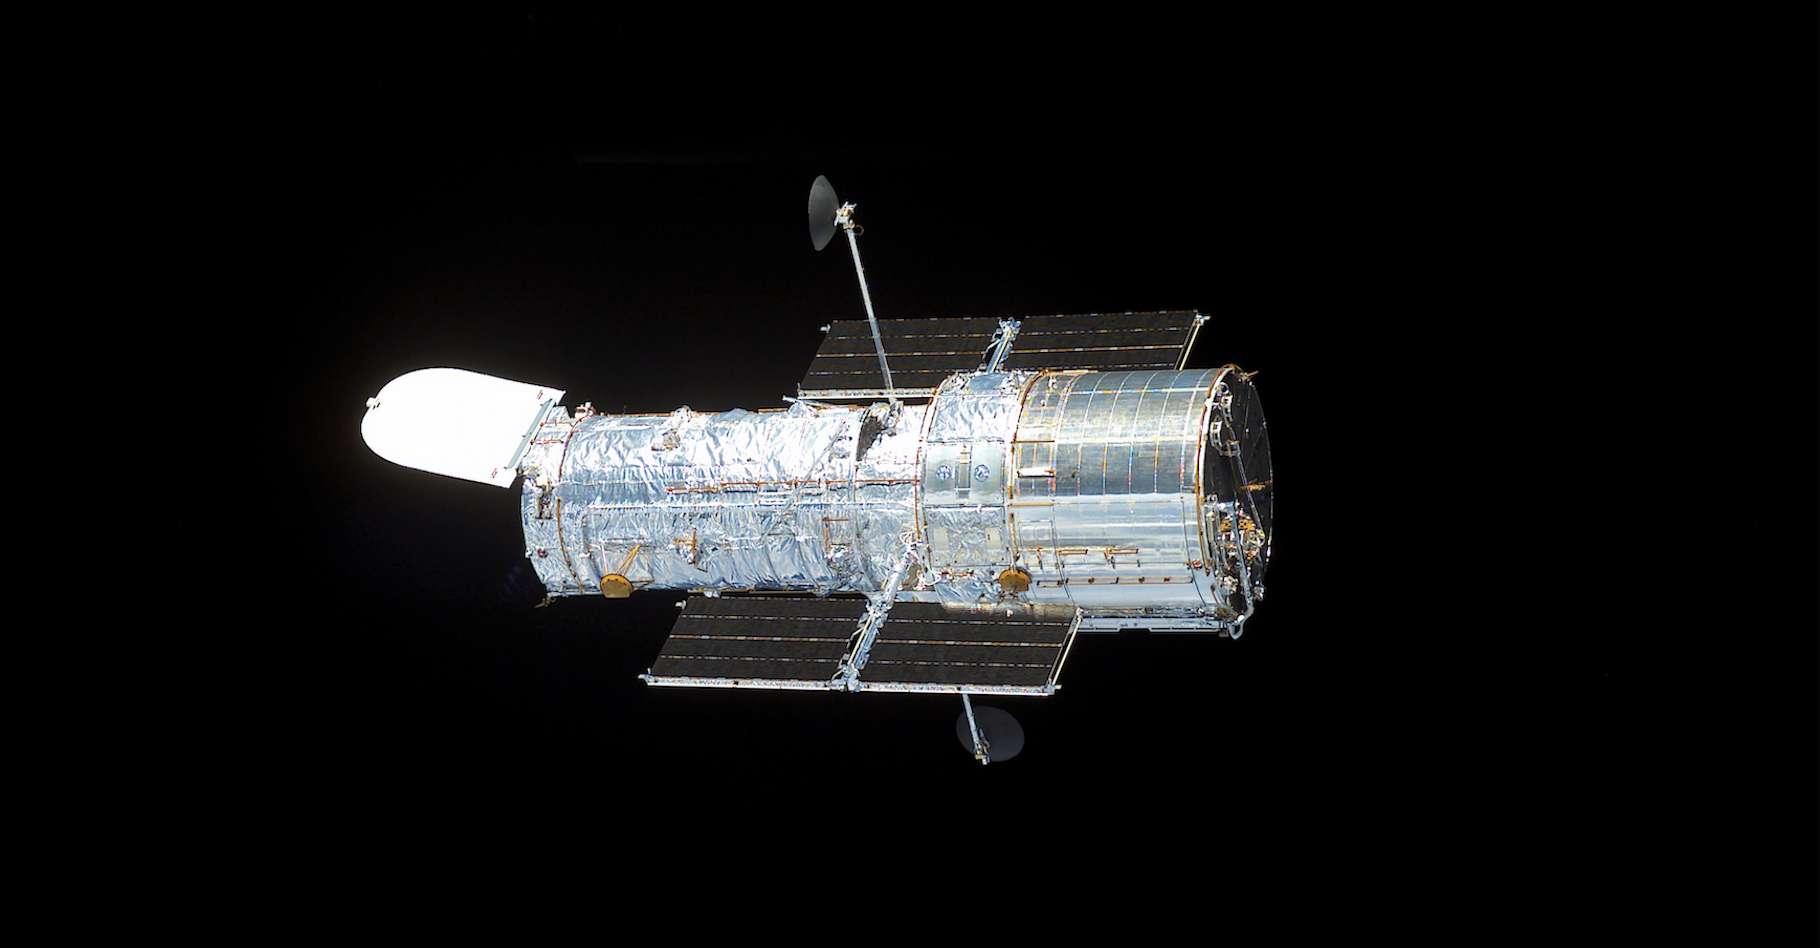 Le télescope spatial Hubble fêtera, ce vendredi 24 avril 2020, 30 années passées à observer l'Univers. © Nasa, ESA, Hubble